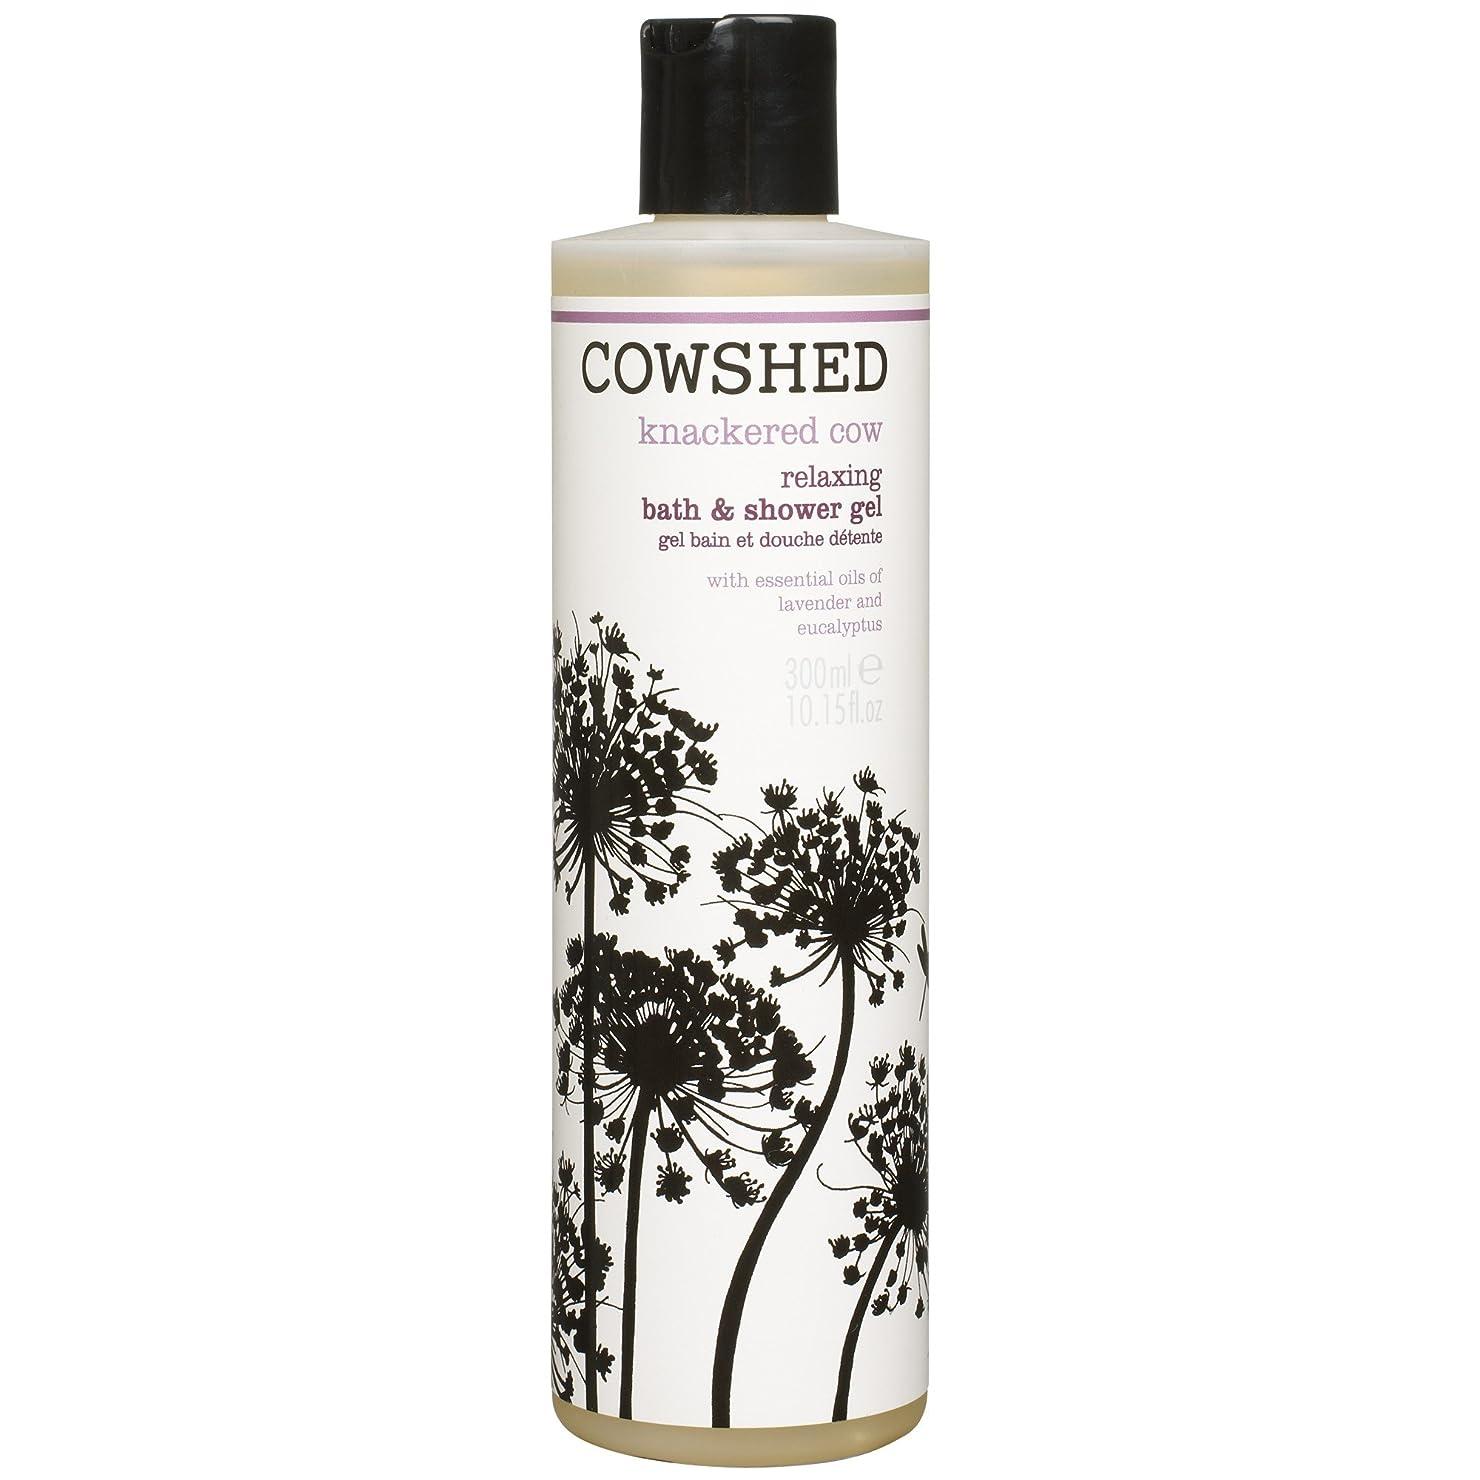 滅びる会社刺す牛舎は、バス&シャワージェル300ミリリットルを緩和牛をくたくたに疲れました (Cowshed) - Cowshed Knackered Cow Relaxing Bath & Shower Gel 300ml [並行輸入品]